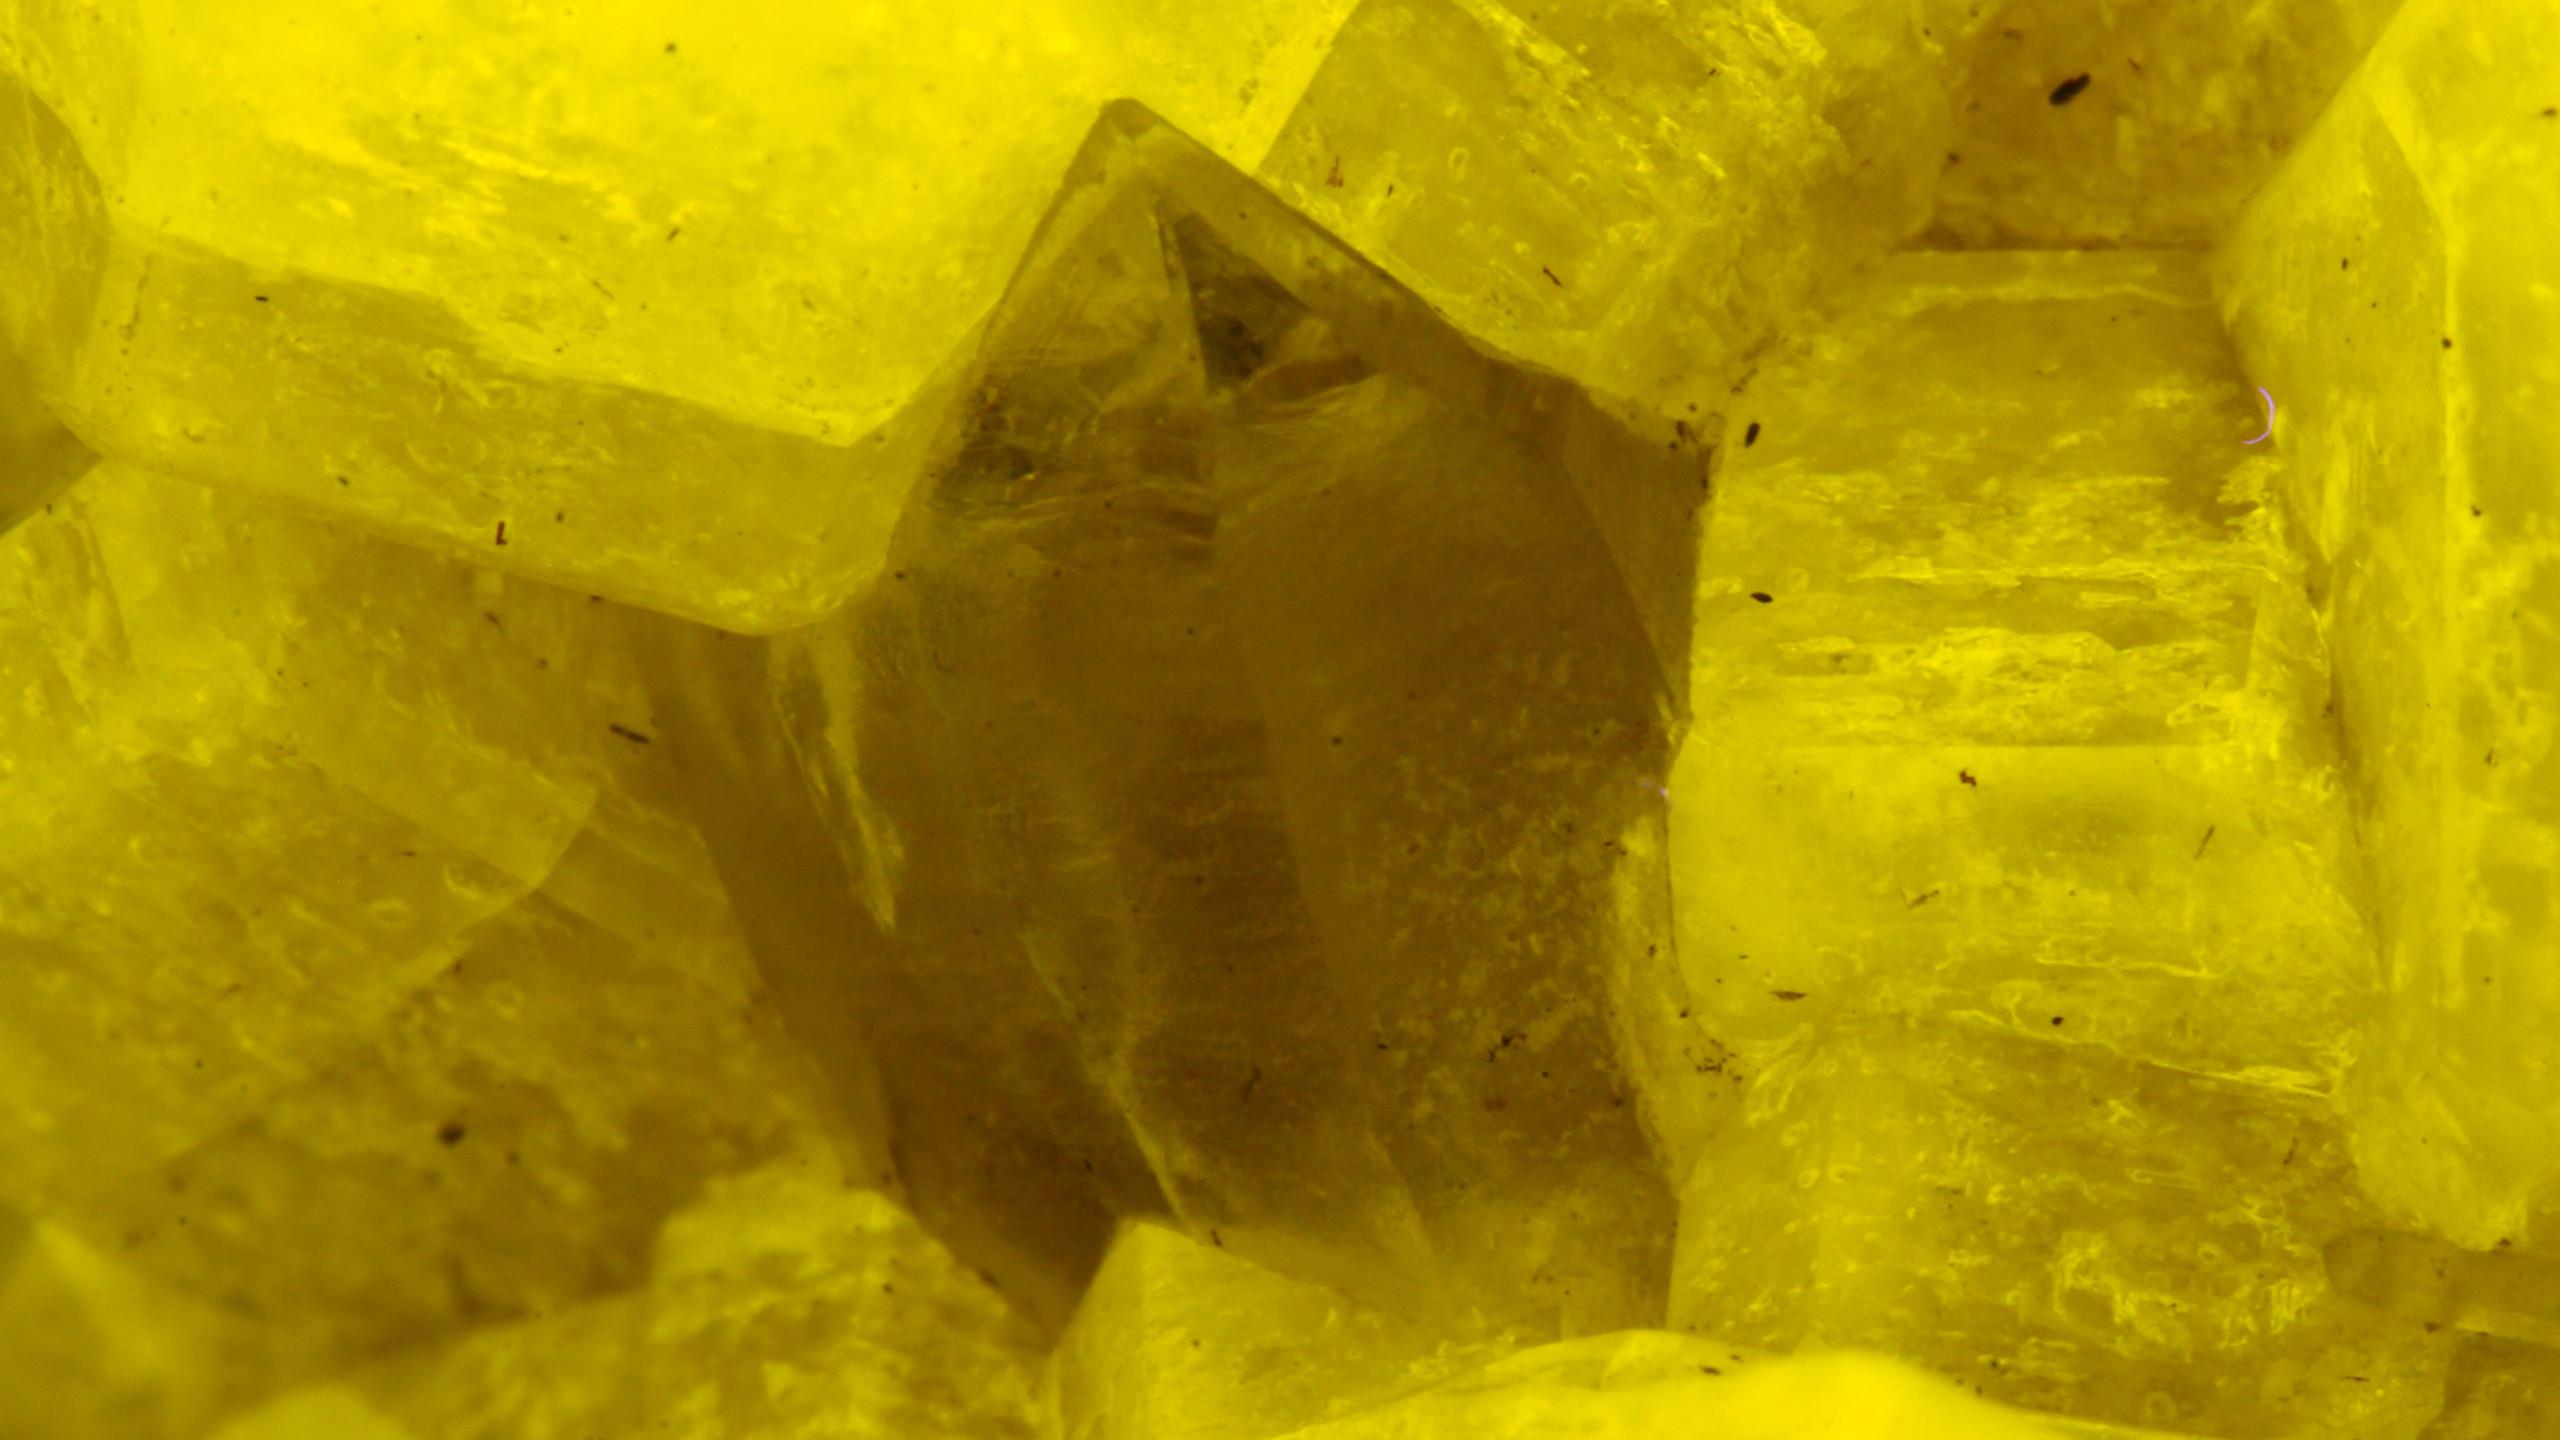 Close-up of Quartz Crystal - SW UV